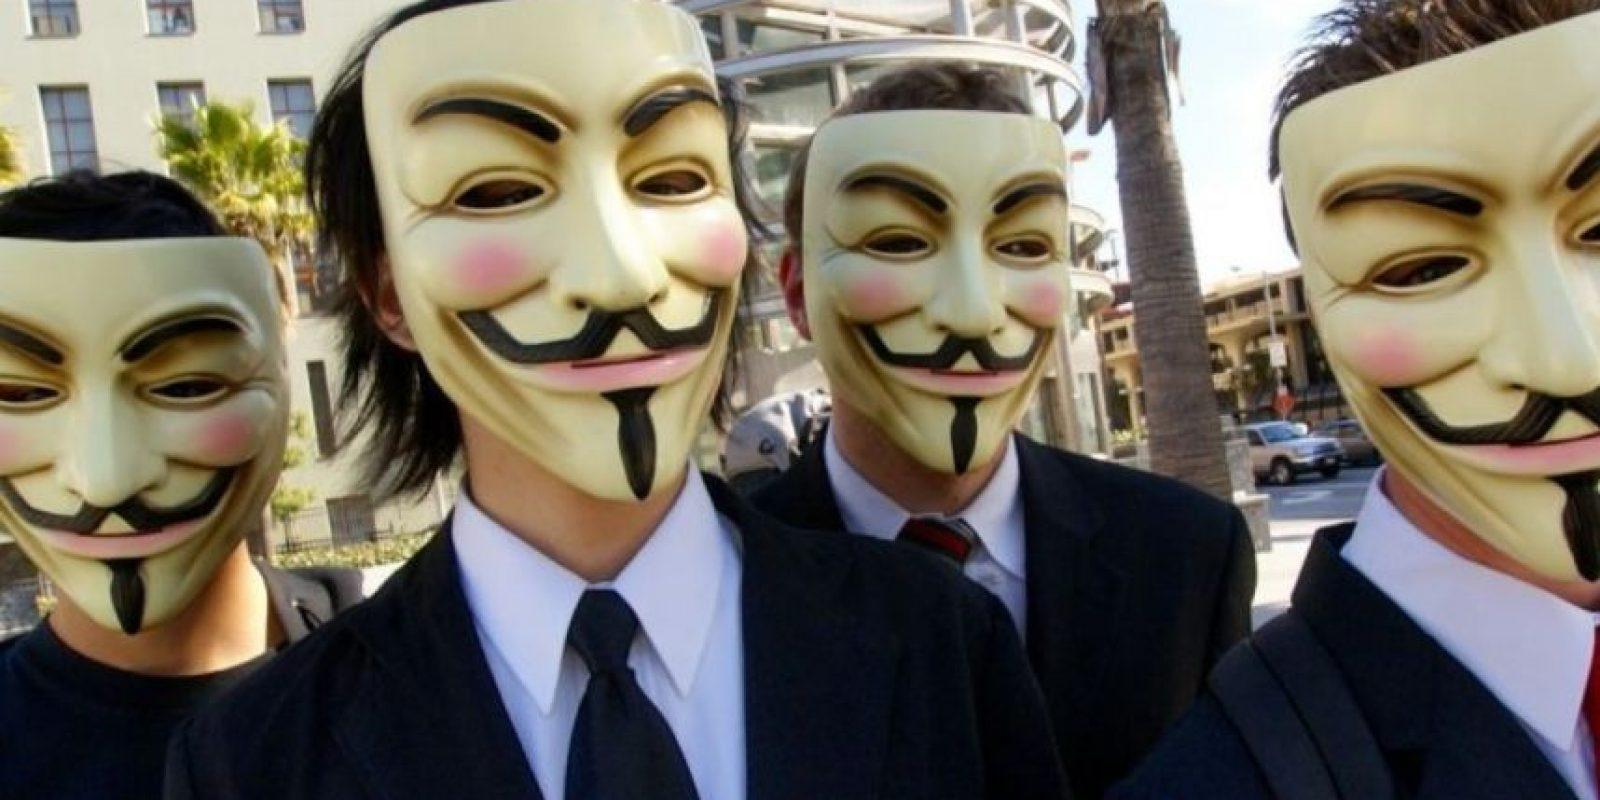 """En las manifestaciones que han realizado y en los videos que divulgan se les ve con la máscara de Guy Fawkes, que se popularizó en la película """"V for Vendetta"""". Foto:Wikipedia Commons"""